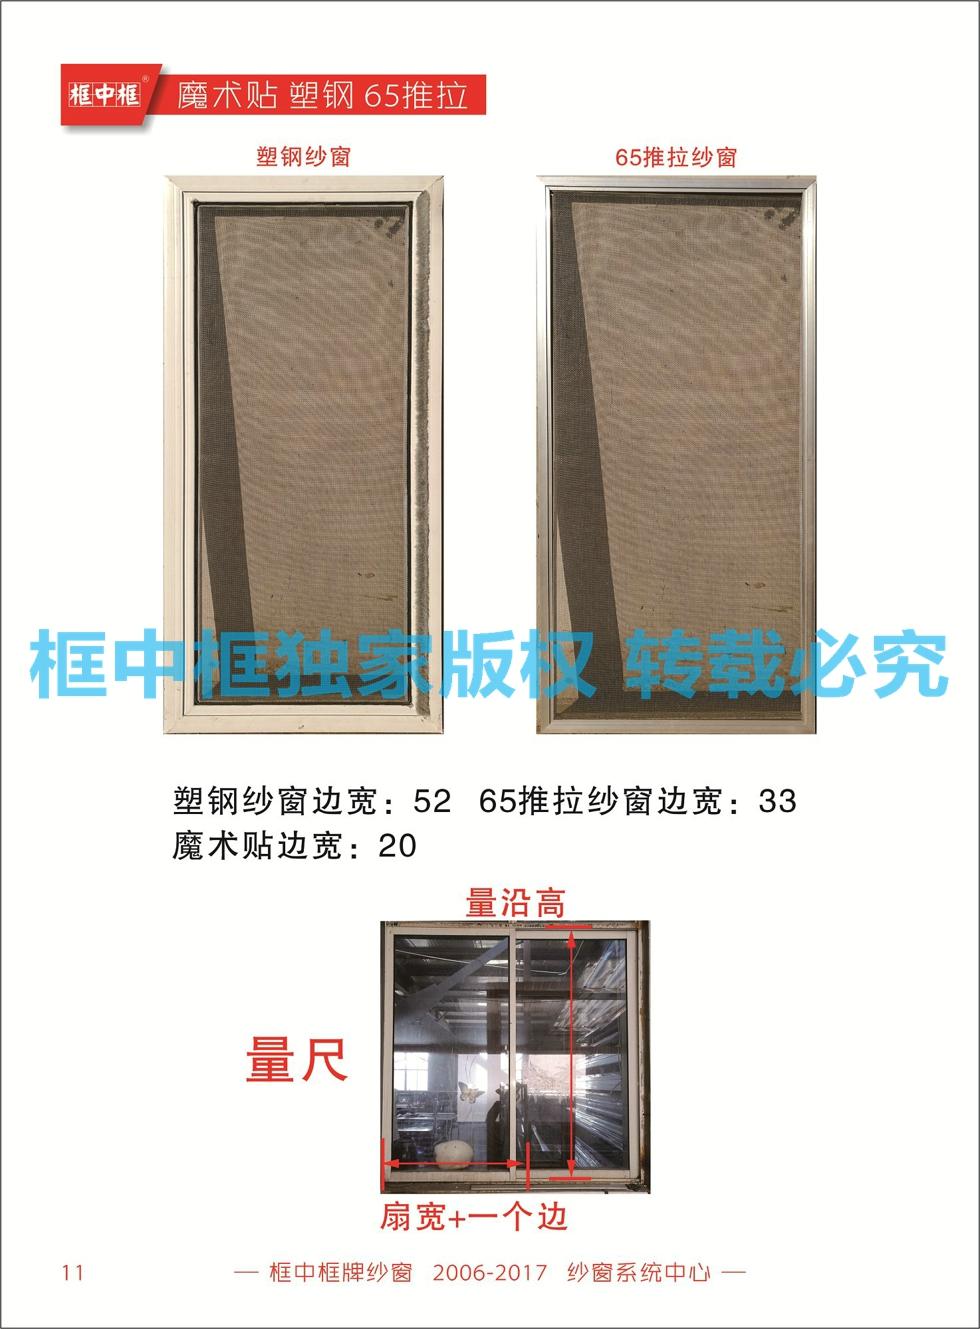 塑钢纱窗和65推拉纱窗